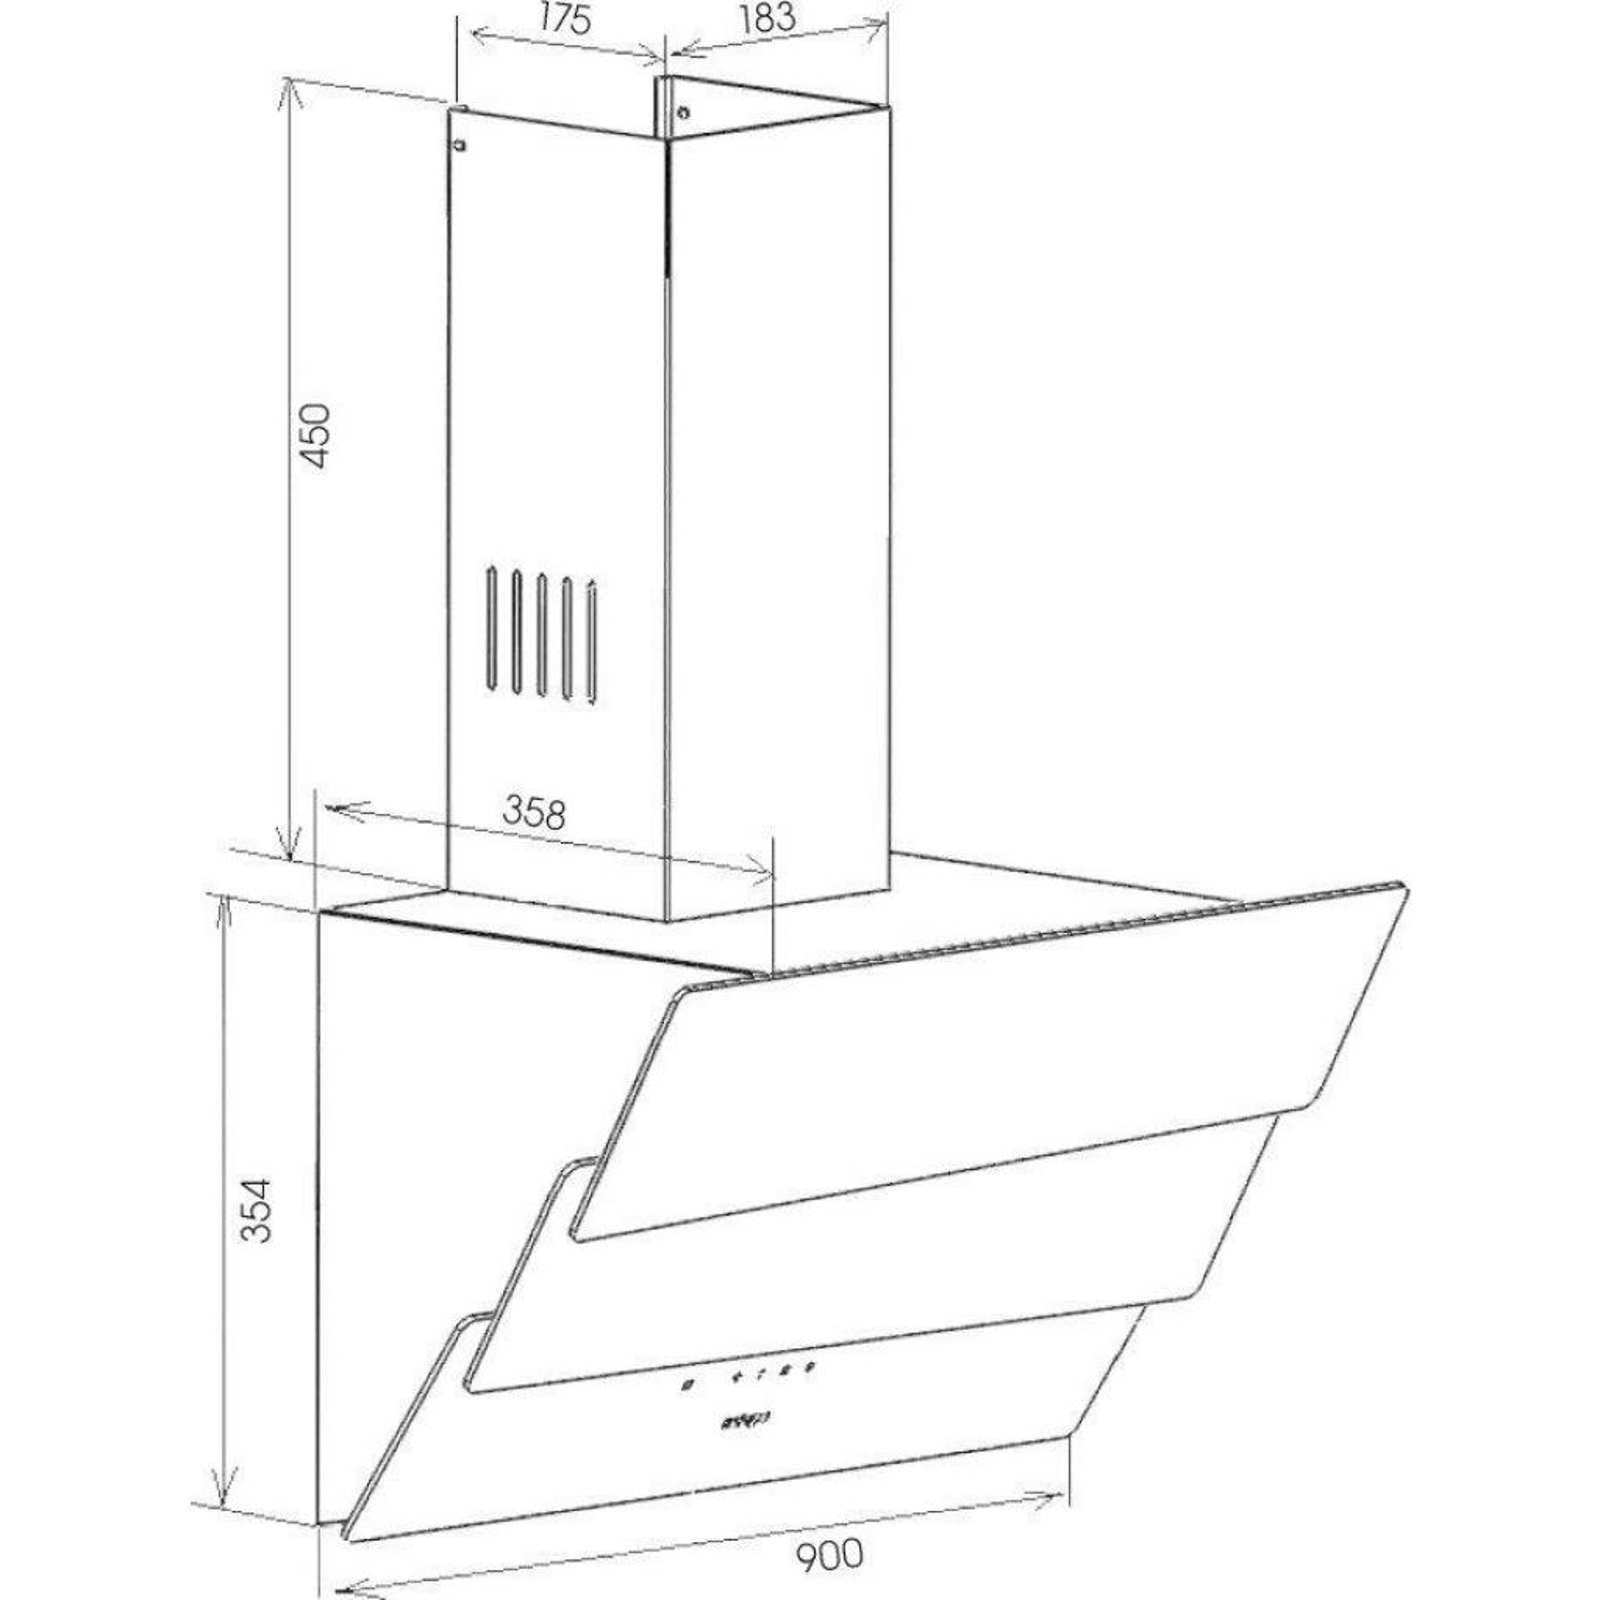 Вытяжка кухонная ZIRTAL FALCON 90 WH изображение 10